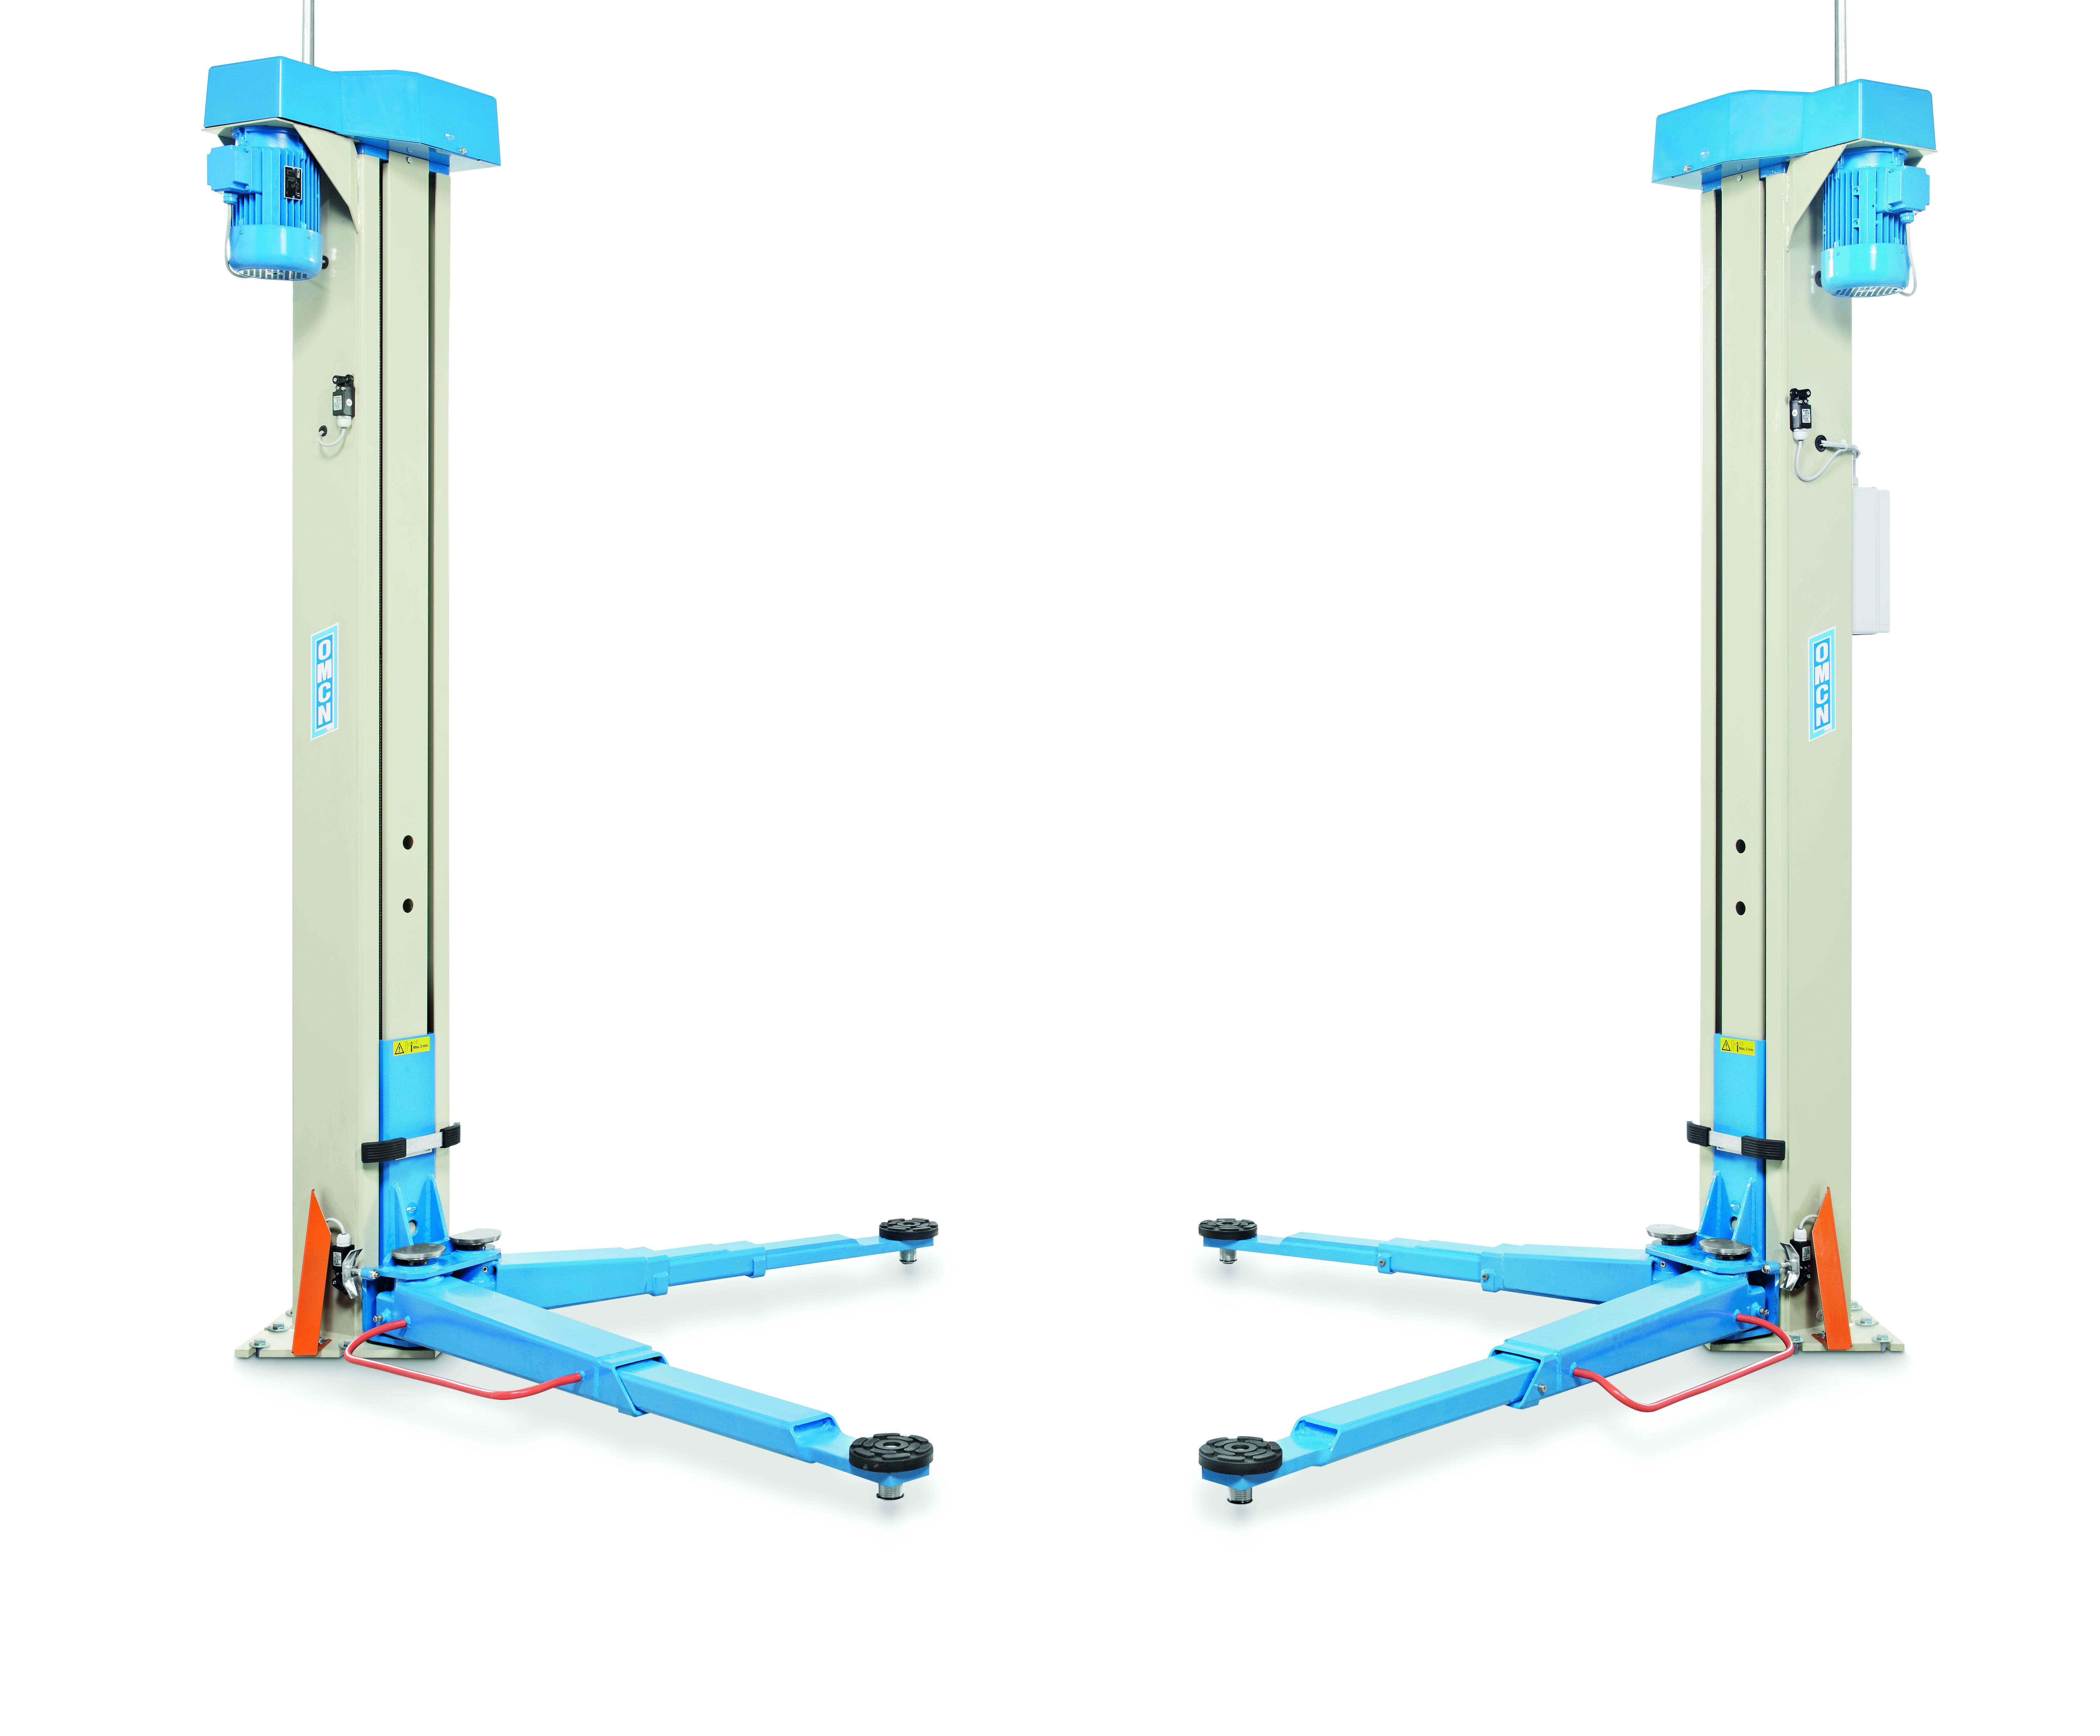 Schema Elettrico Ponte Sollevatore : Ponte sollevatore a due colonne senza basamento da ton